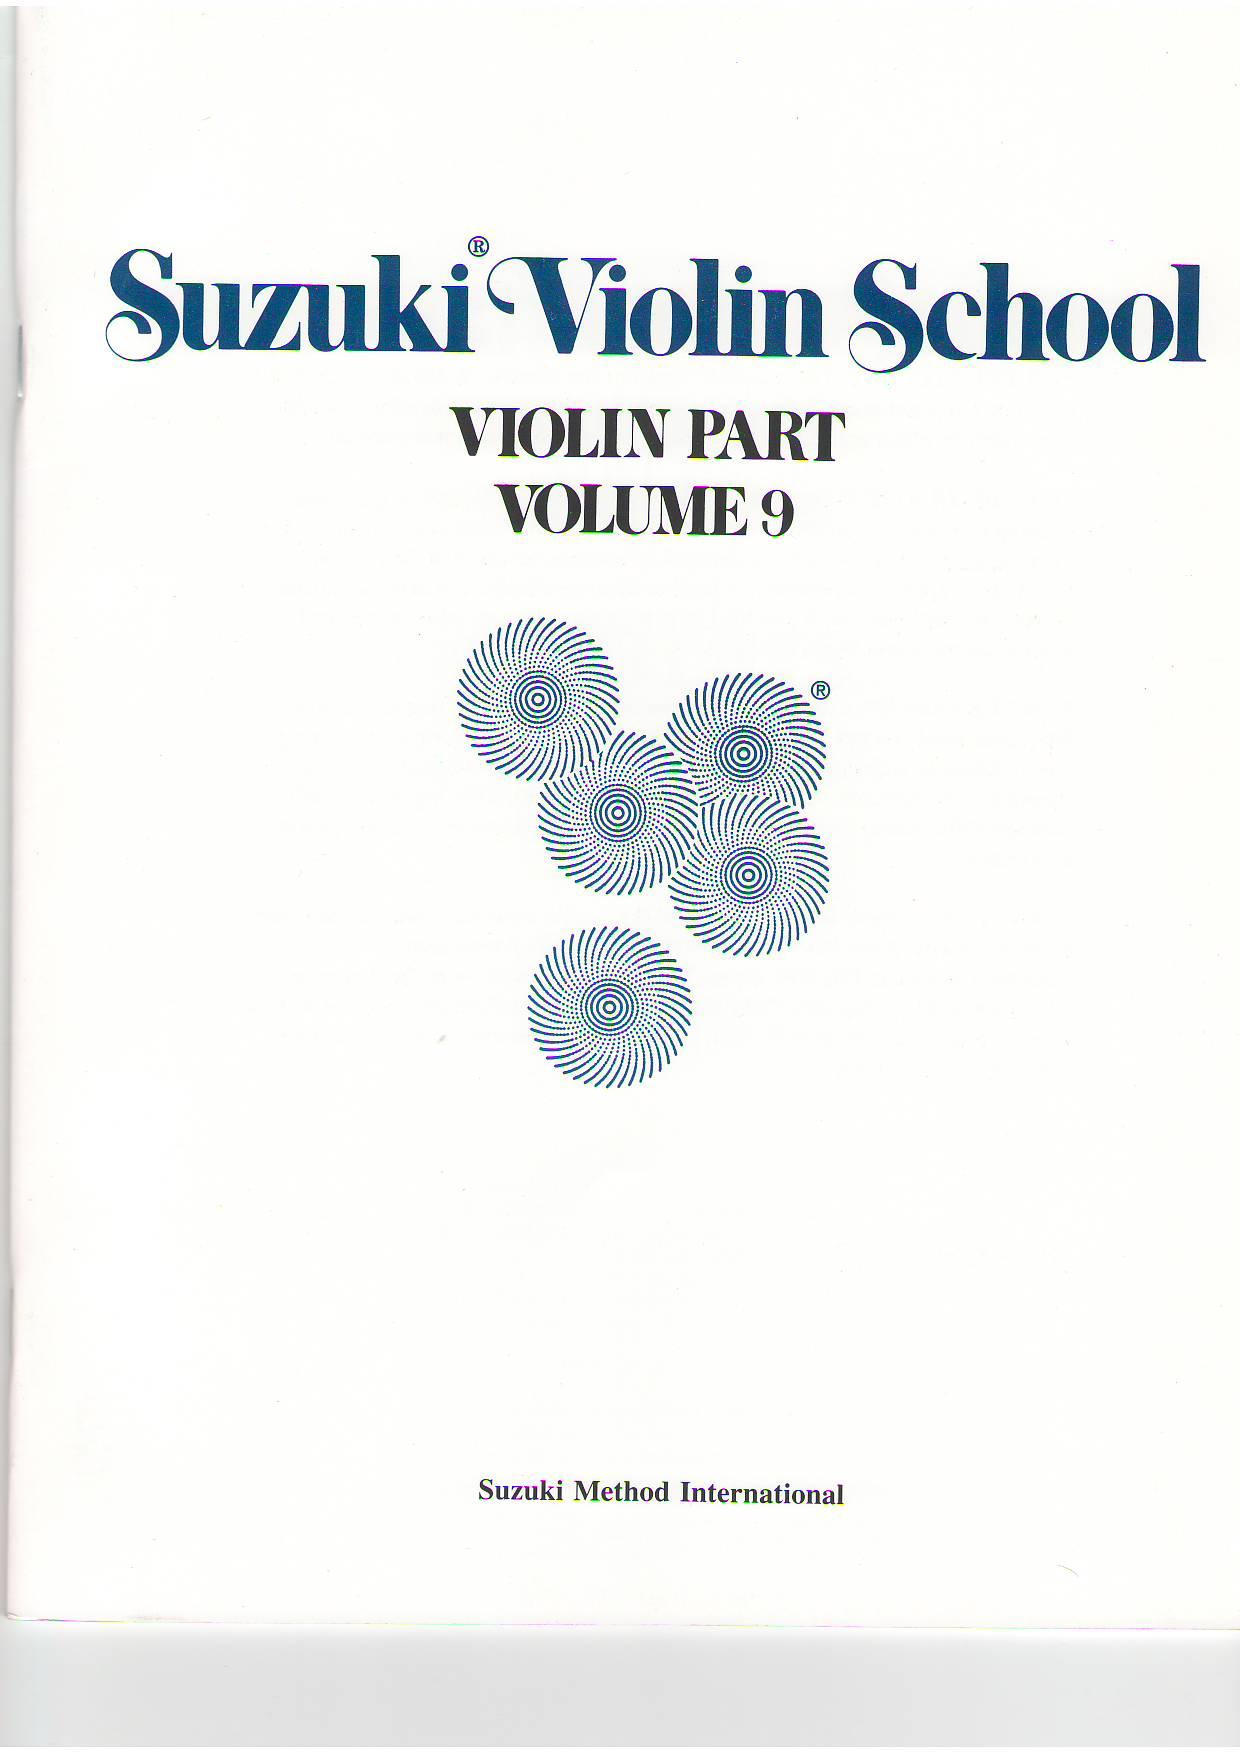 suzuki method piano books pdf